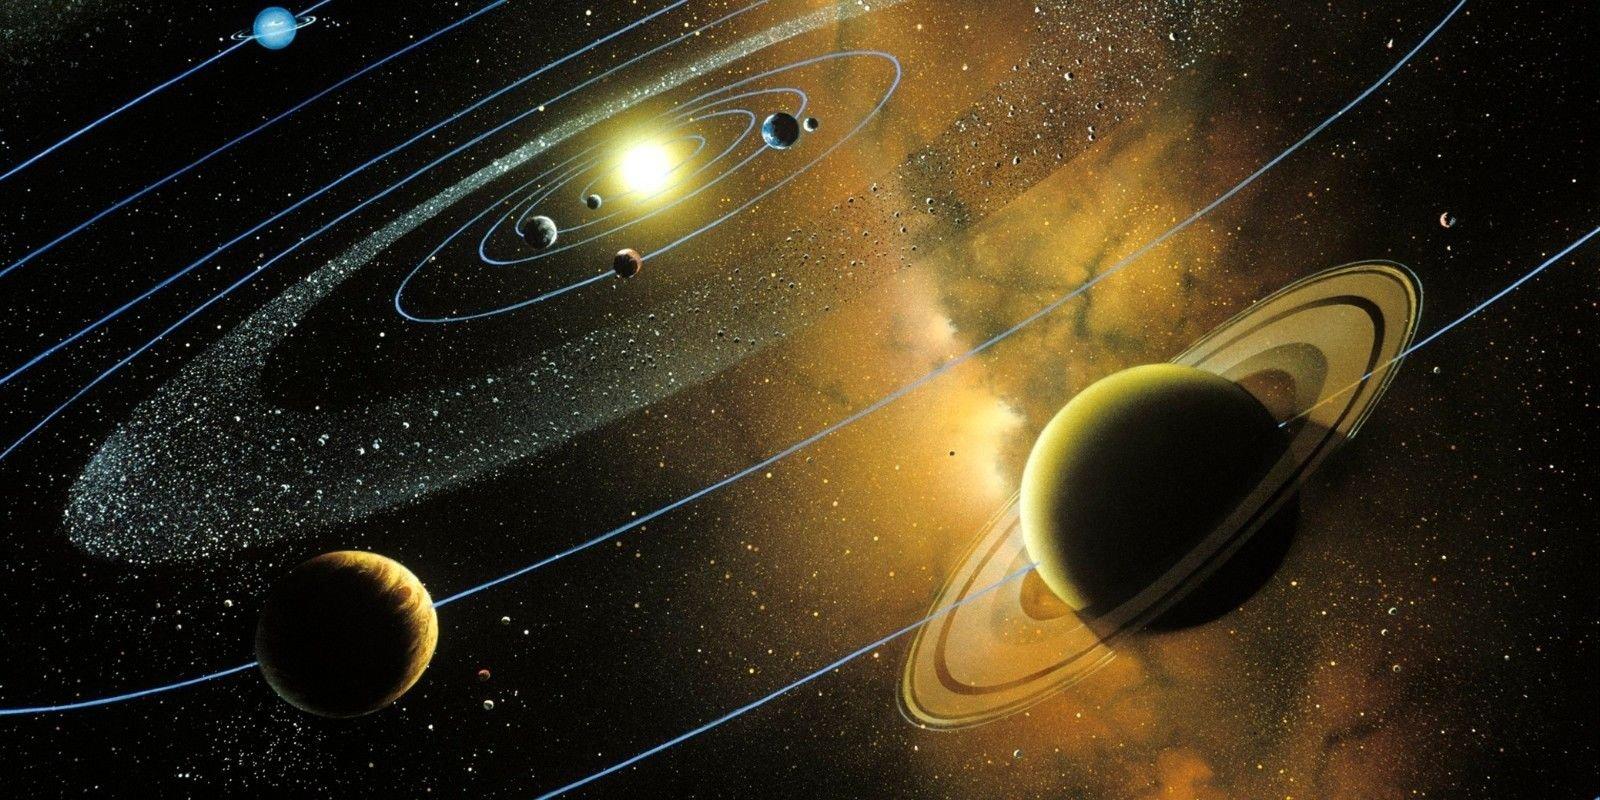 Телескоп HARPS обнаружил 8 новых подобных Солнечной систем